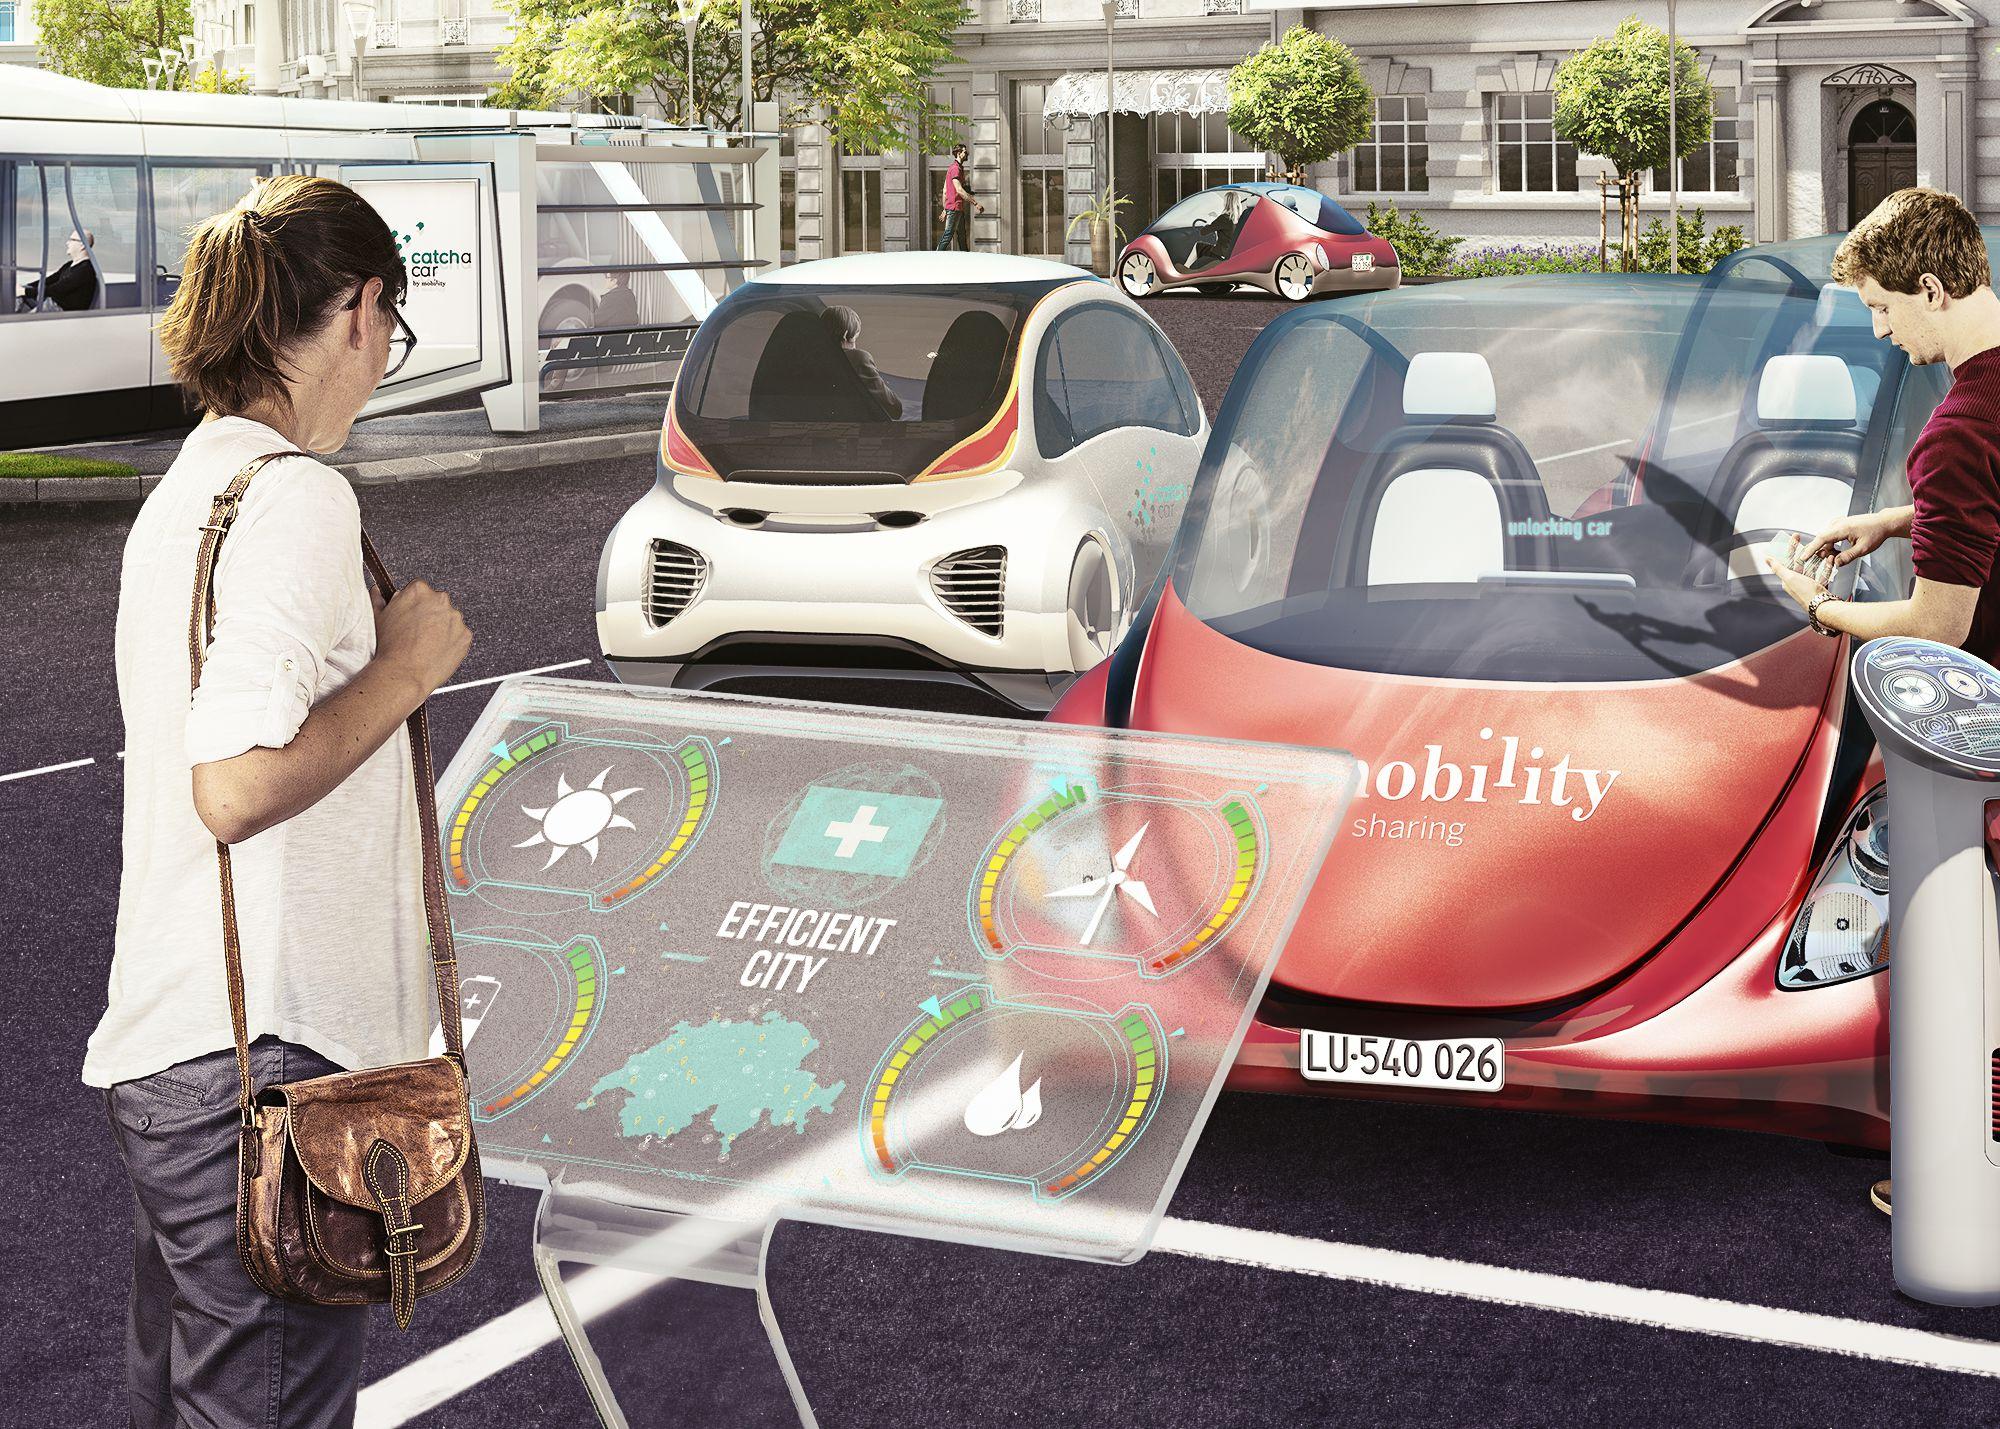 Effiziente Stadt, Elektromobilität